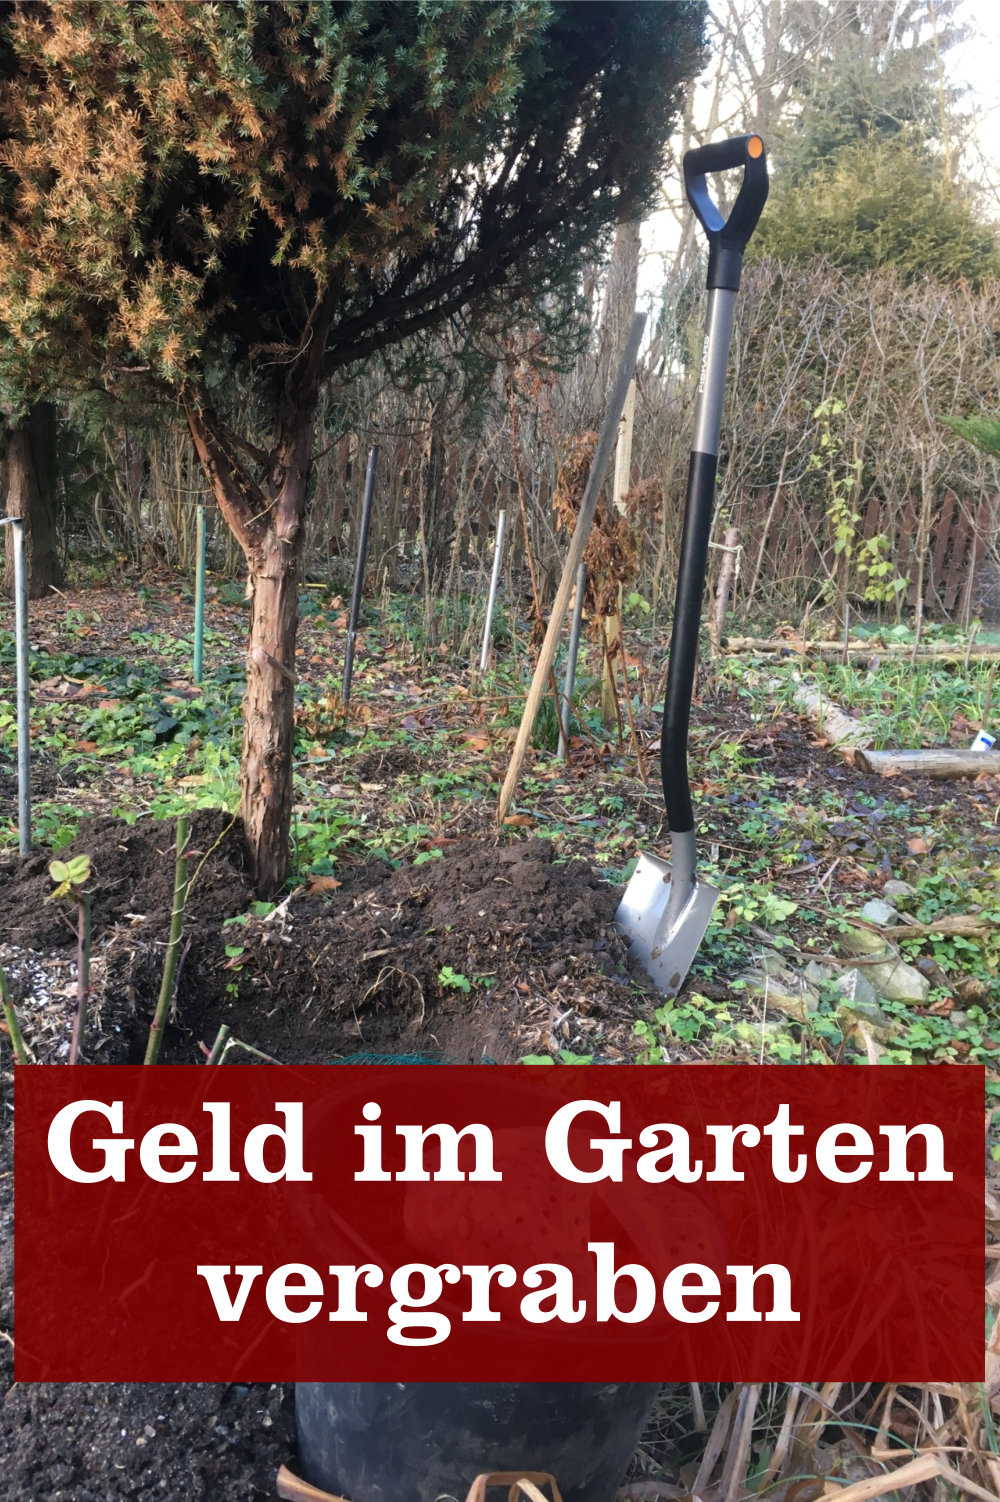 Geld im Garten vergraben